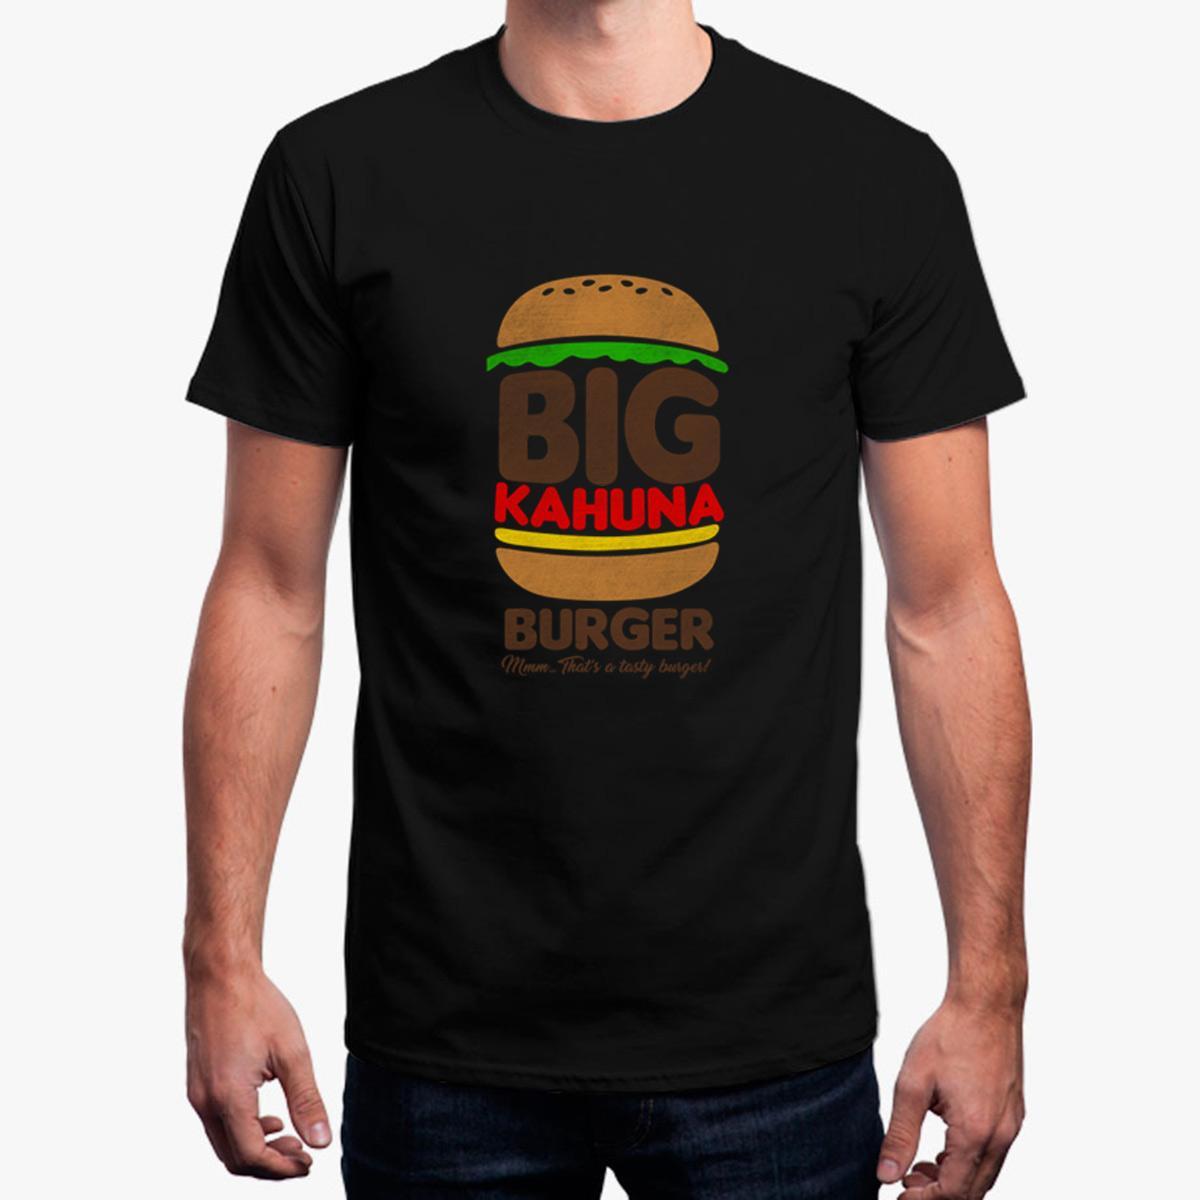 c710a7ab0b9a Дешевые Продажа Большой Kahuna Burger Футболка Для Мужчин Сплошной Цвет  Футболка Для ...